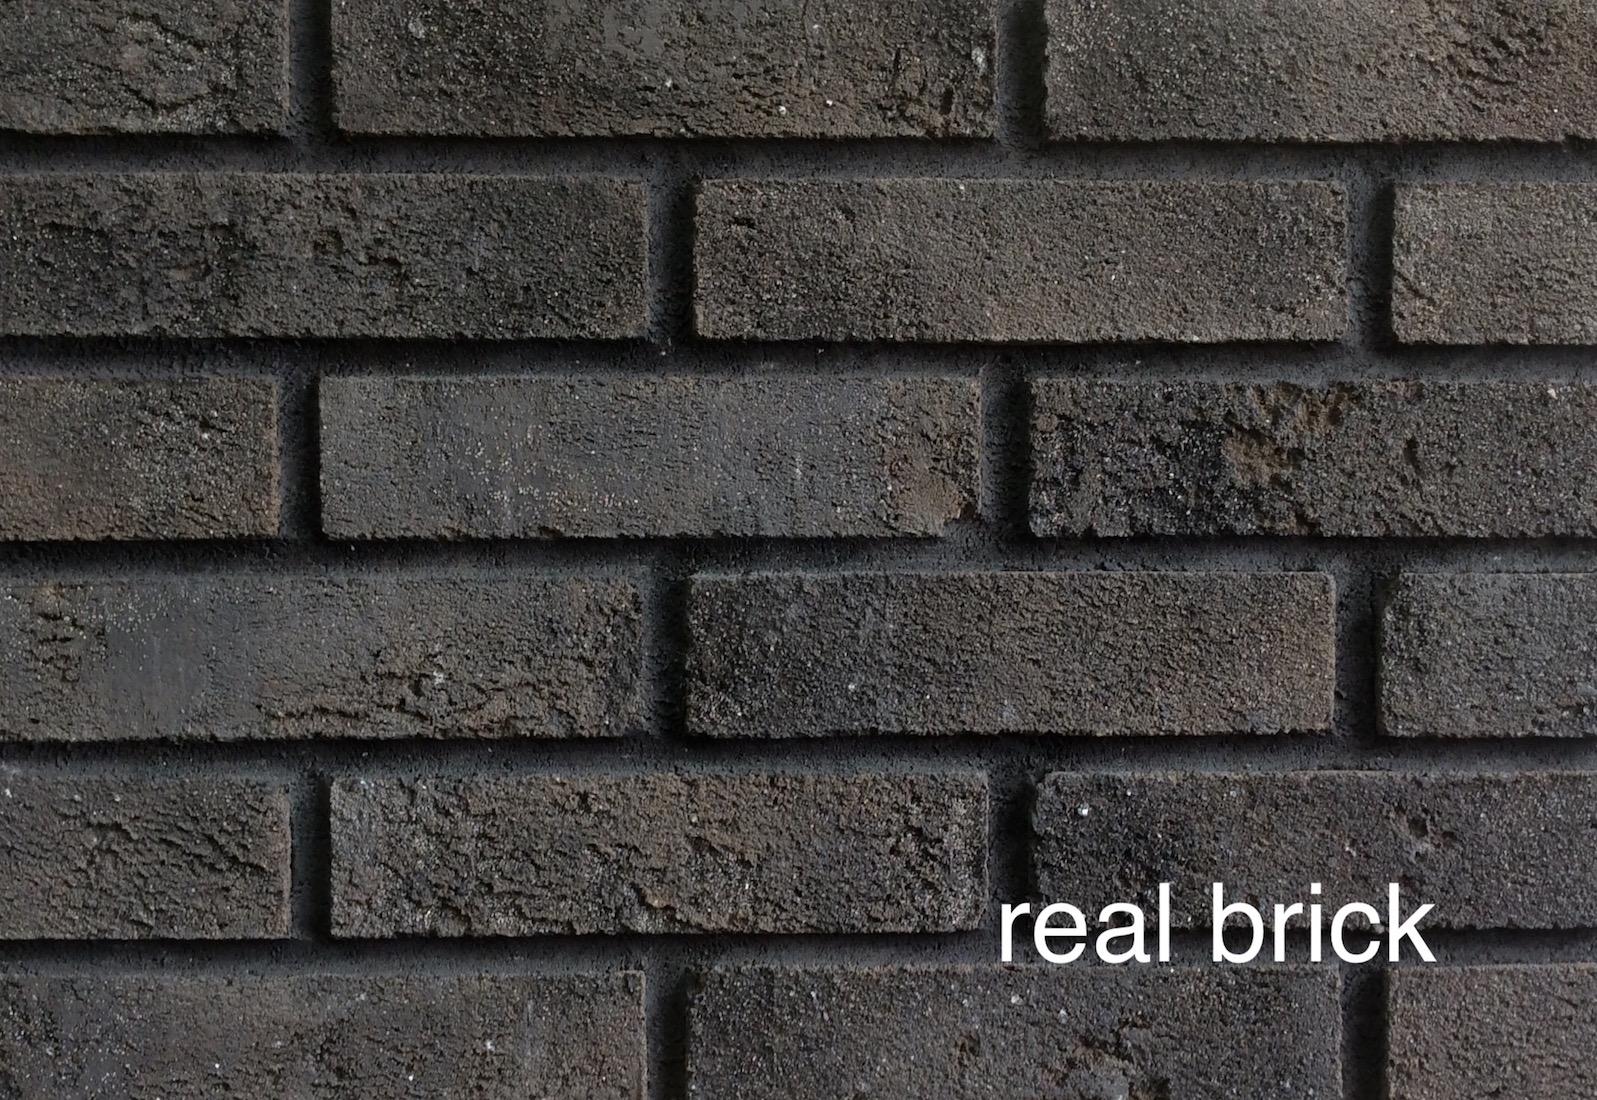 Real brick 3